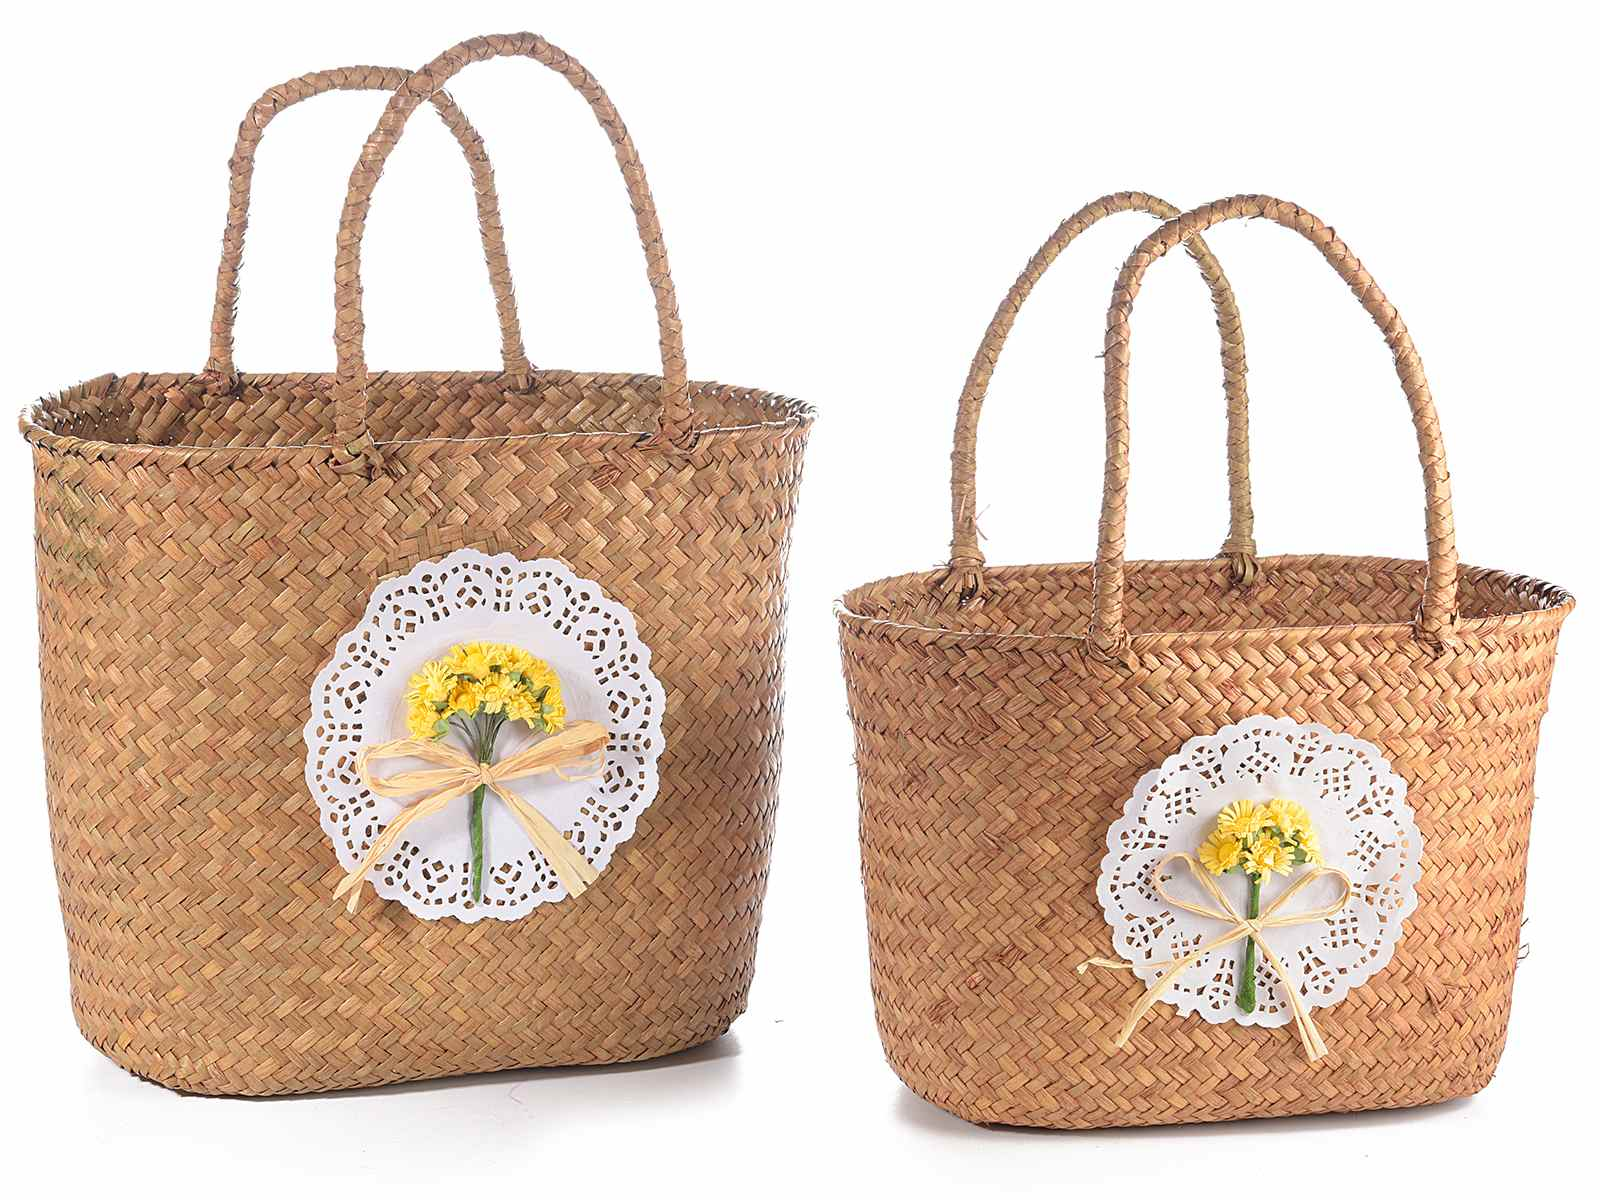 cd298a4e1 Set de 2 bolsos de paja con asas y florecitas (58.05.28) - Art From ...